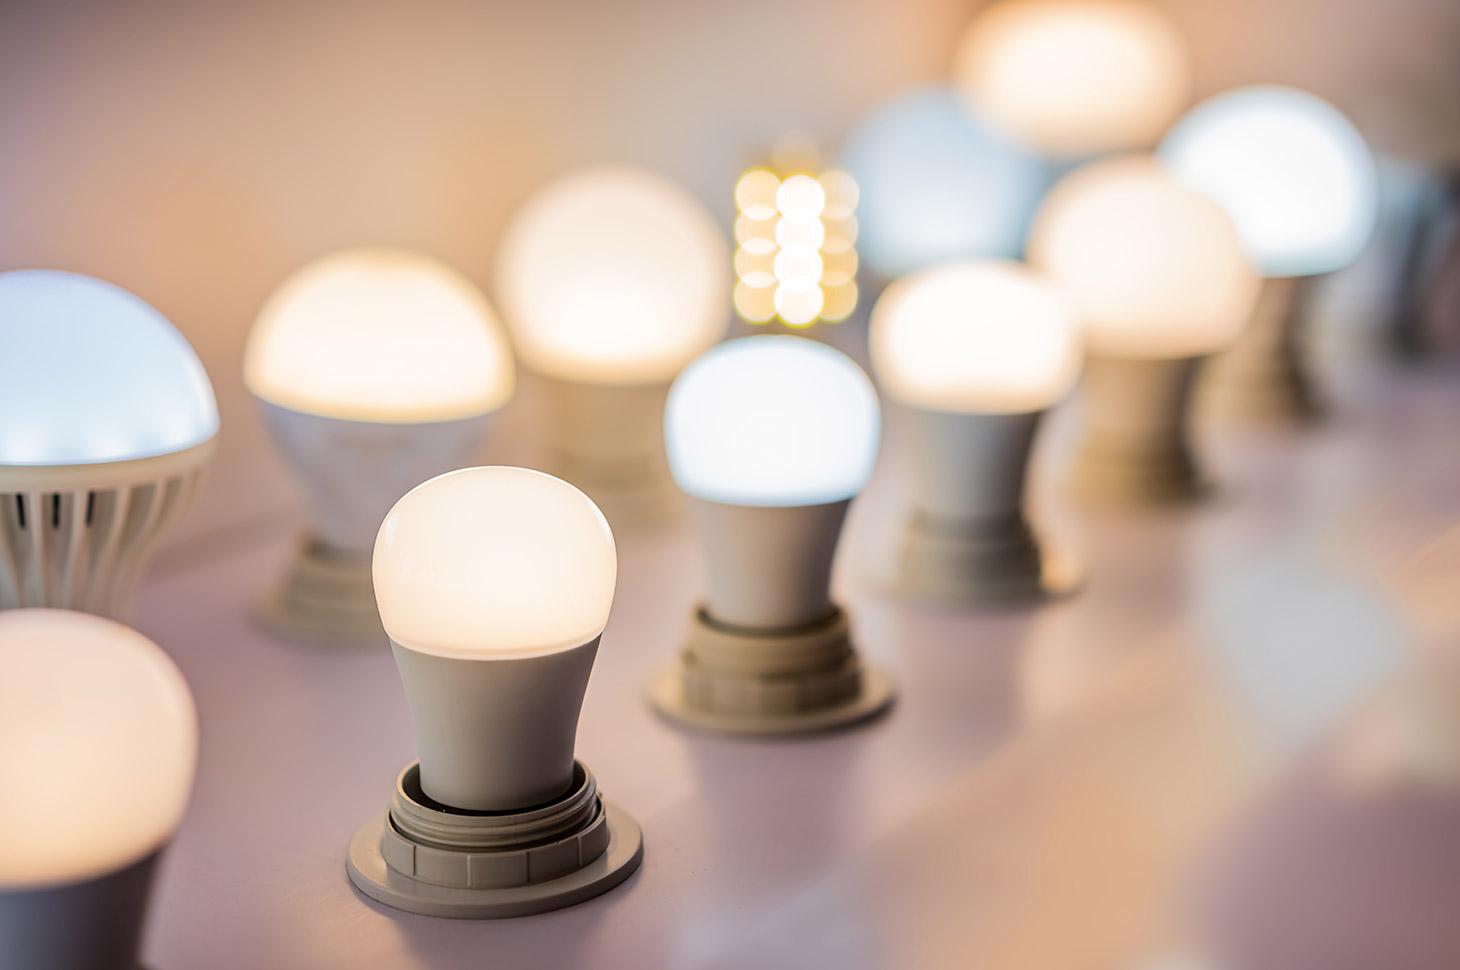 Acertar a iluminação é uma das maneiras mais eficazes de criar um ambiente confortável